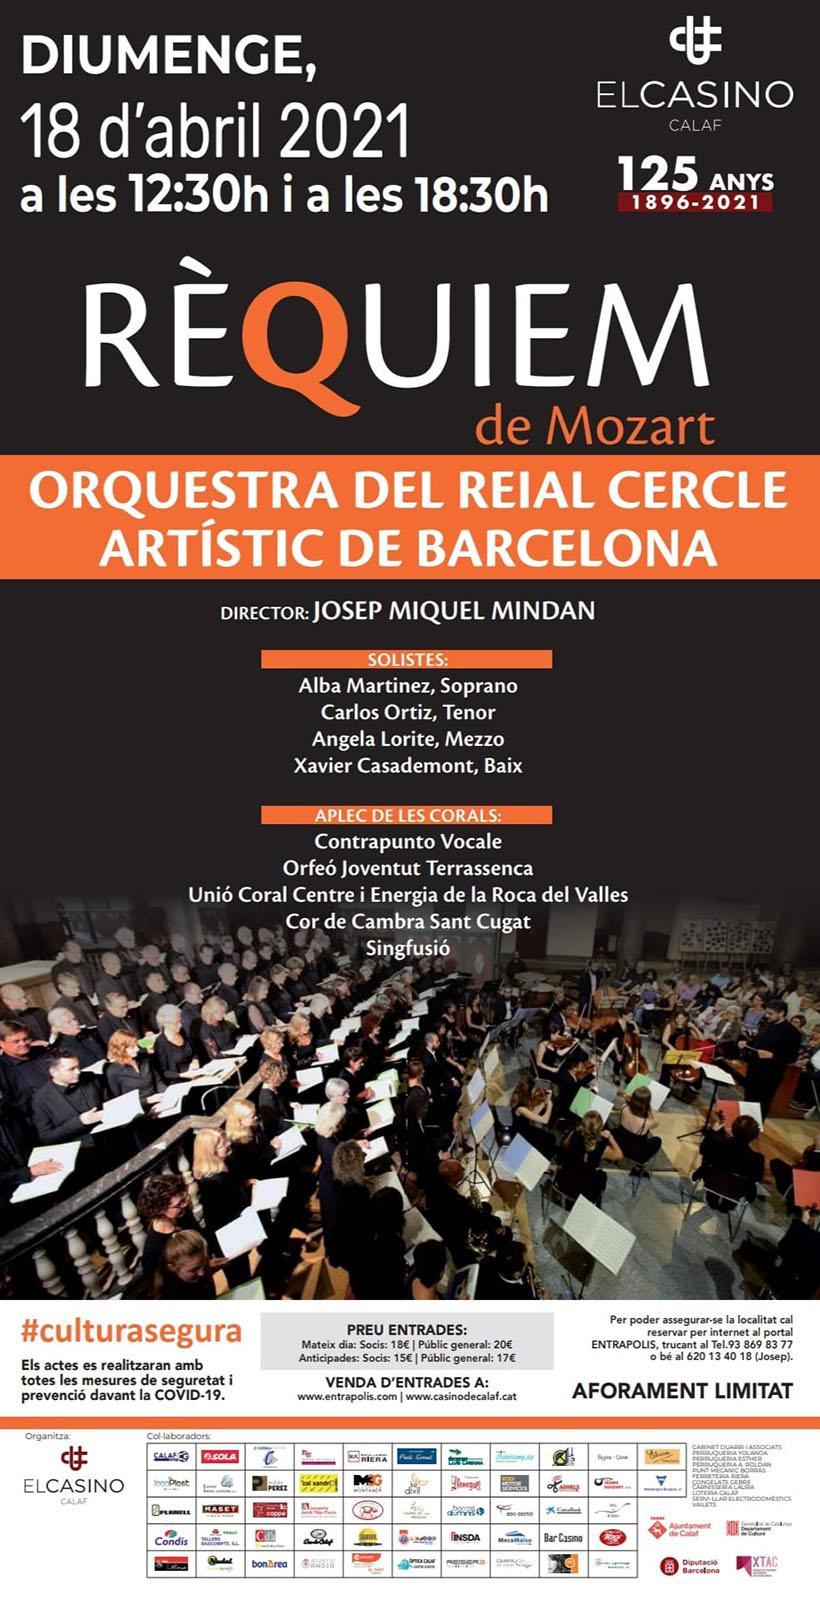 cartell Concert de l'Orquestra del Reial Cercle Artístic de Barcelona